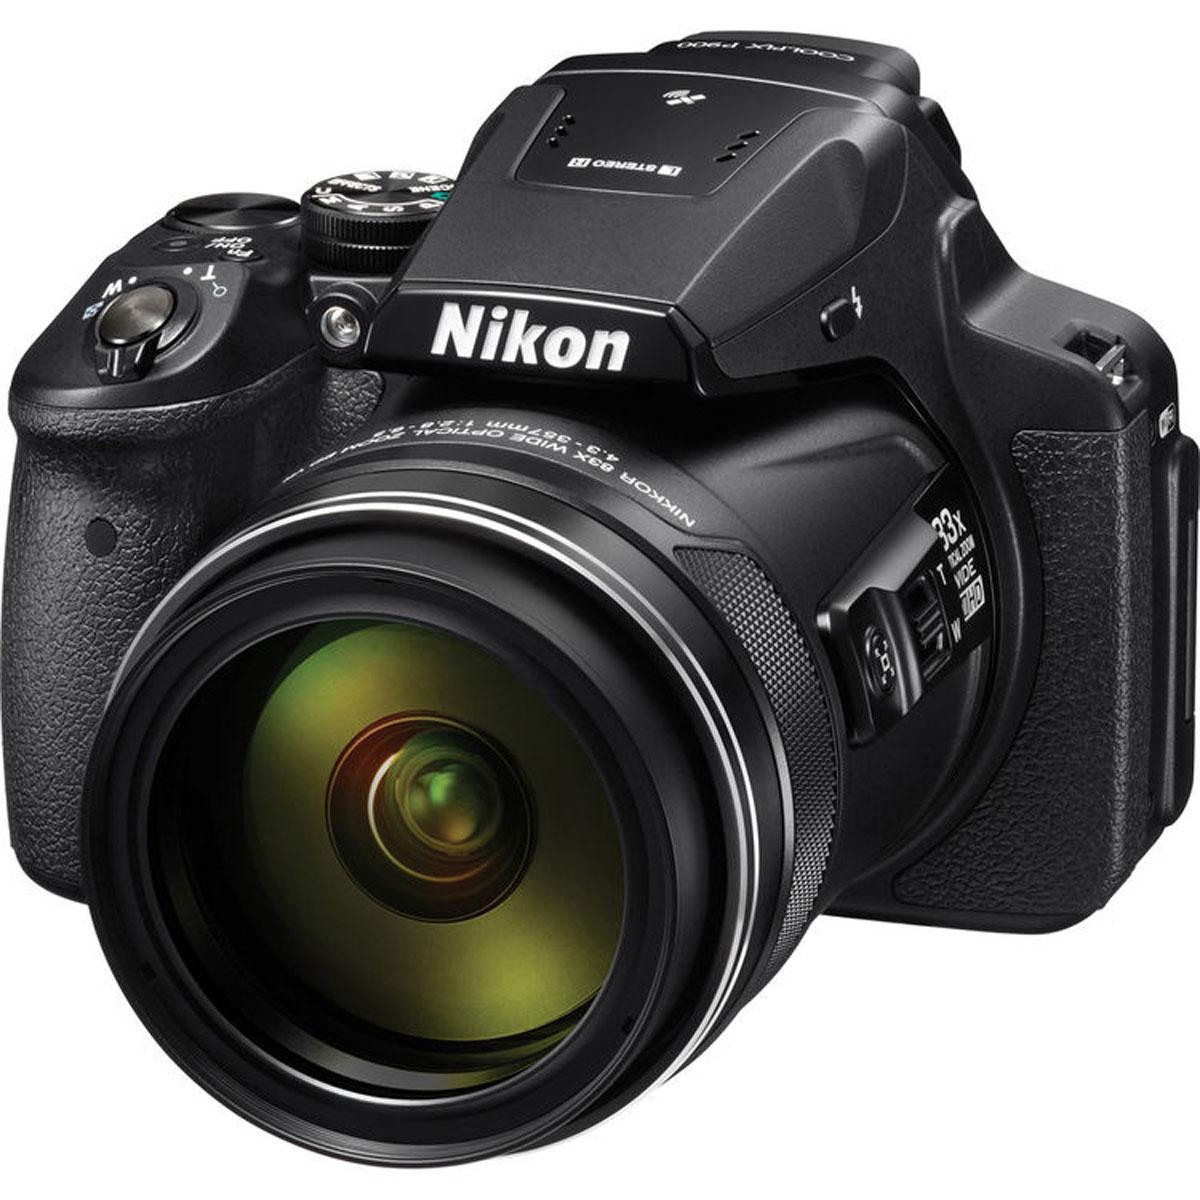 Nikon Coolpix P900, Black цифровая фотокамераVNA750E1Фотографы, увлекающиеся съемкой дикой природы и ночного неба, высоко оценят новую 16-мегапиксельную фотокамеру COOLPIX P900 со сверхмощным 83-кратным оптическим зумом, которая позволяет запечатлеть детали, невидимые человеческому глазу. Мгновенно начинайте съемку, используя ускоренную автофокусировку и сокращенную задержку перед спуском затвора. А также снимайте с выдержкой на 5,0 ступени длиннее, чем обычно, благодаря системе оптического подавления вибраций Dual Detect Optical VR, которая эффективно устраняет смазывание. Экран с переменным углом наклона и встроенный электронный видоискатель предоставляют широкие возможности для компоновки кадра при записи видеороликов Full HD, а также при телефотосъемке с максимальной детализацией. Встроенные модули GPS, ГЛОНАСС и QZSS обеспечивают получение точных данных о месте съемки. А благодаря встроенной функции Wi-Fi и поддержке технологии NFC можно сразу же поделиться полученными изображениями. ...